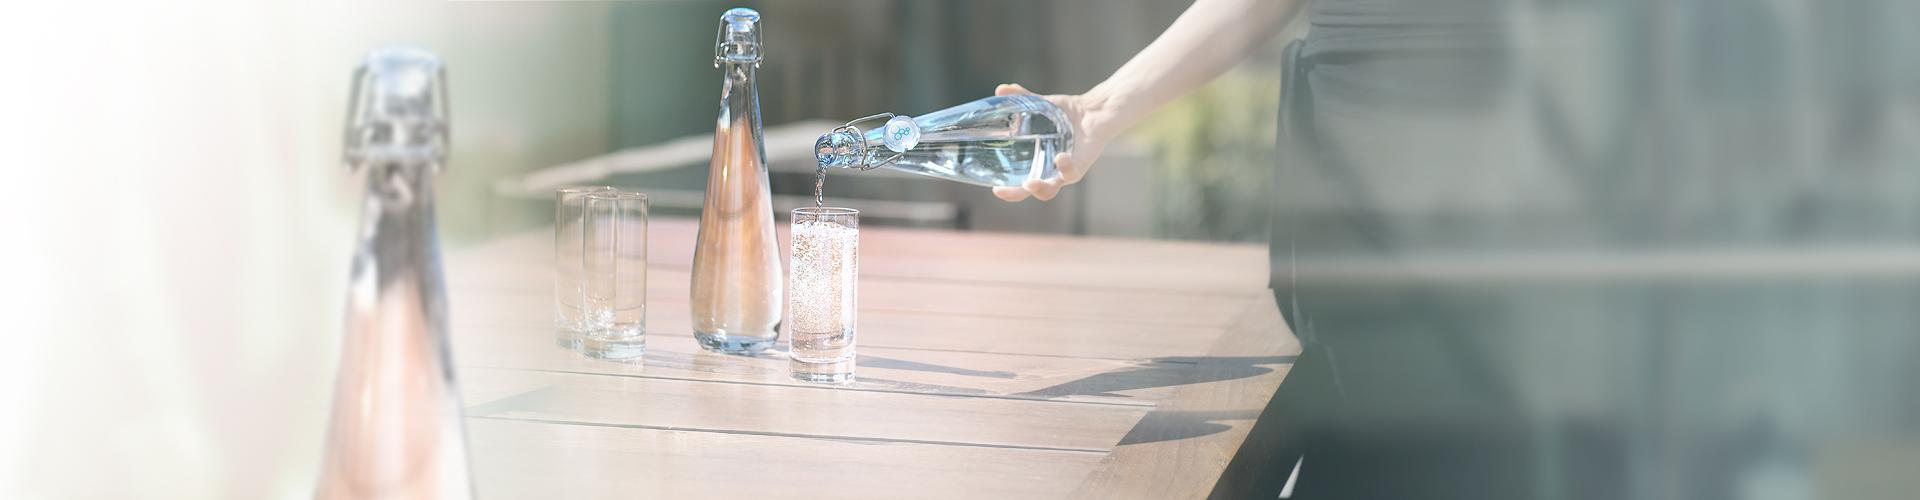 Watertypes zoals plat water en bruiswater